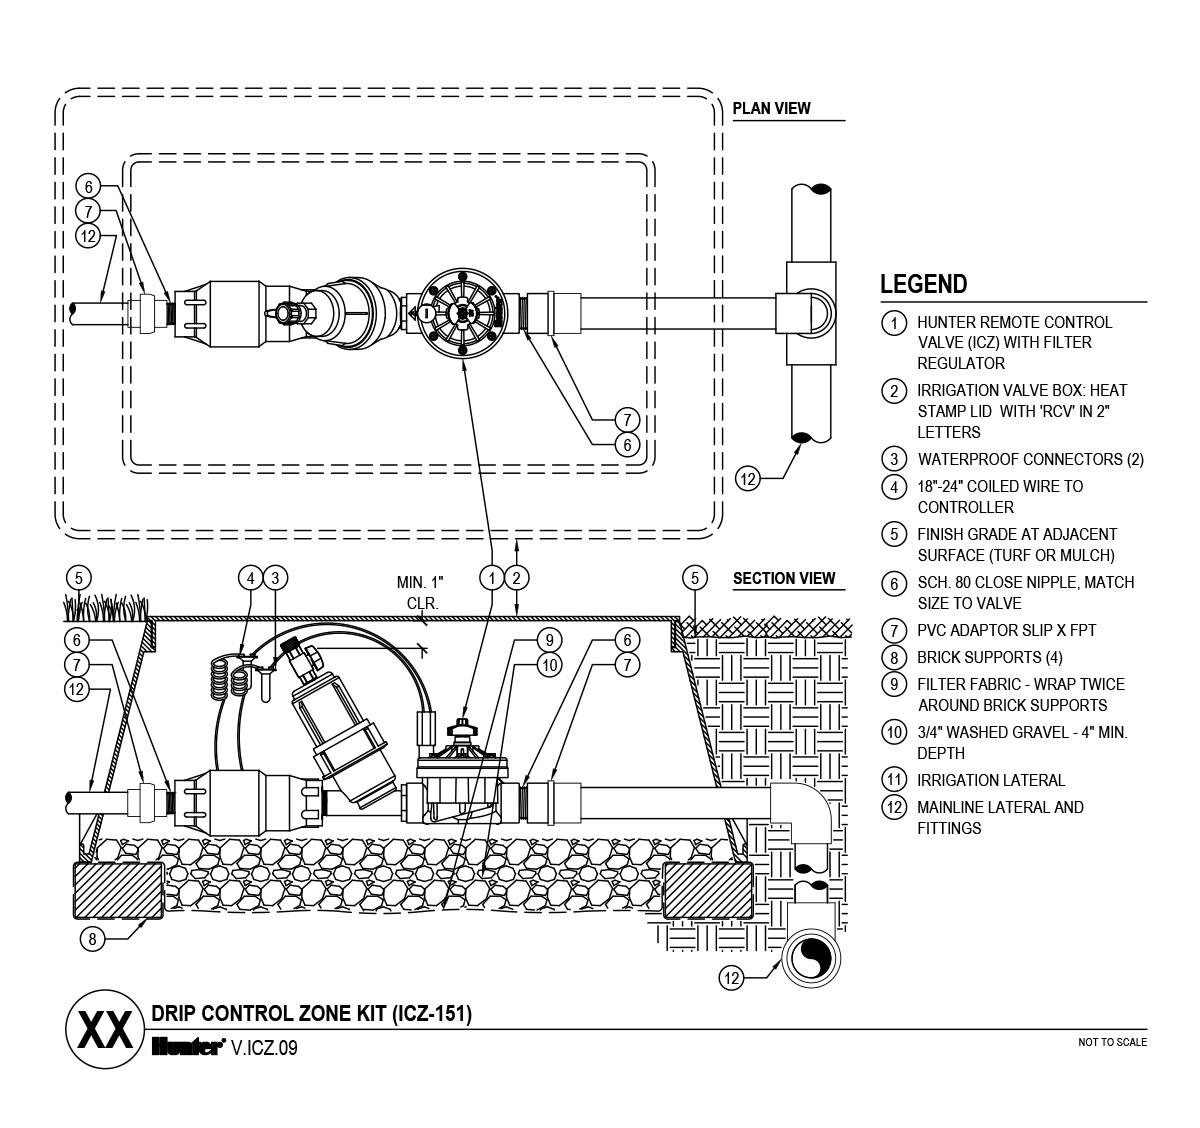 CAD - Drip Control Zone Kit (ICZ-151)